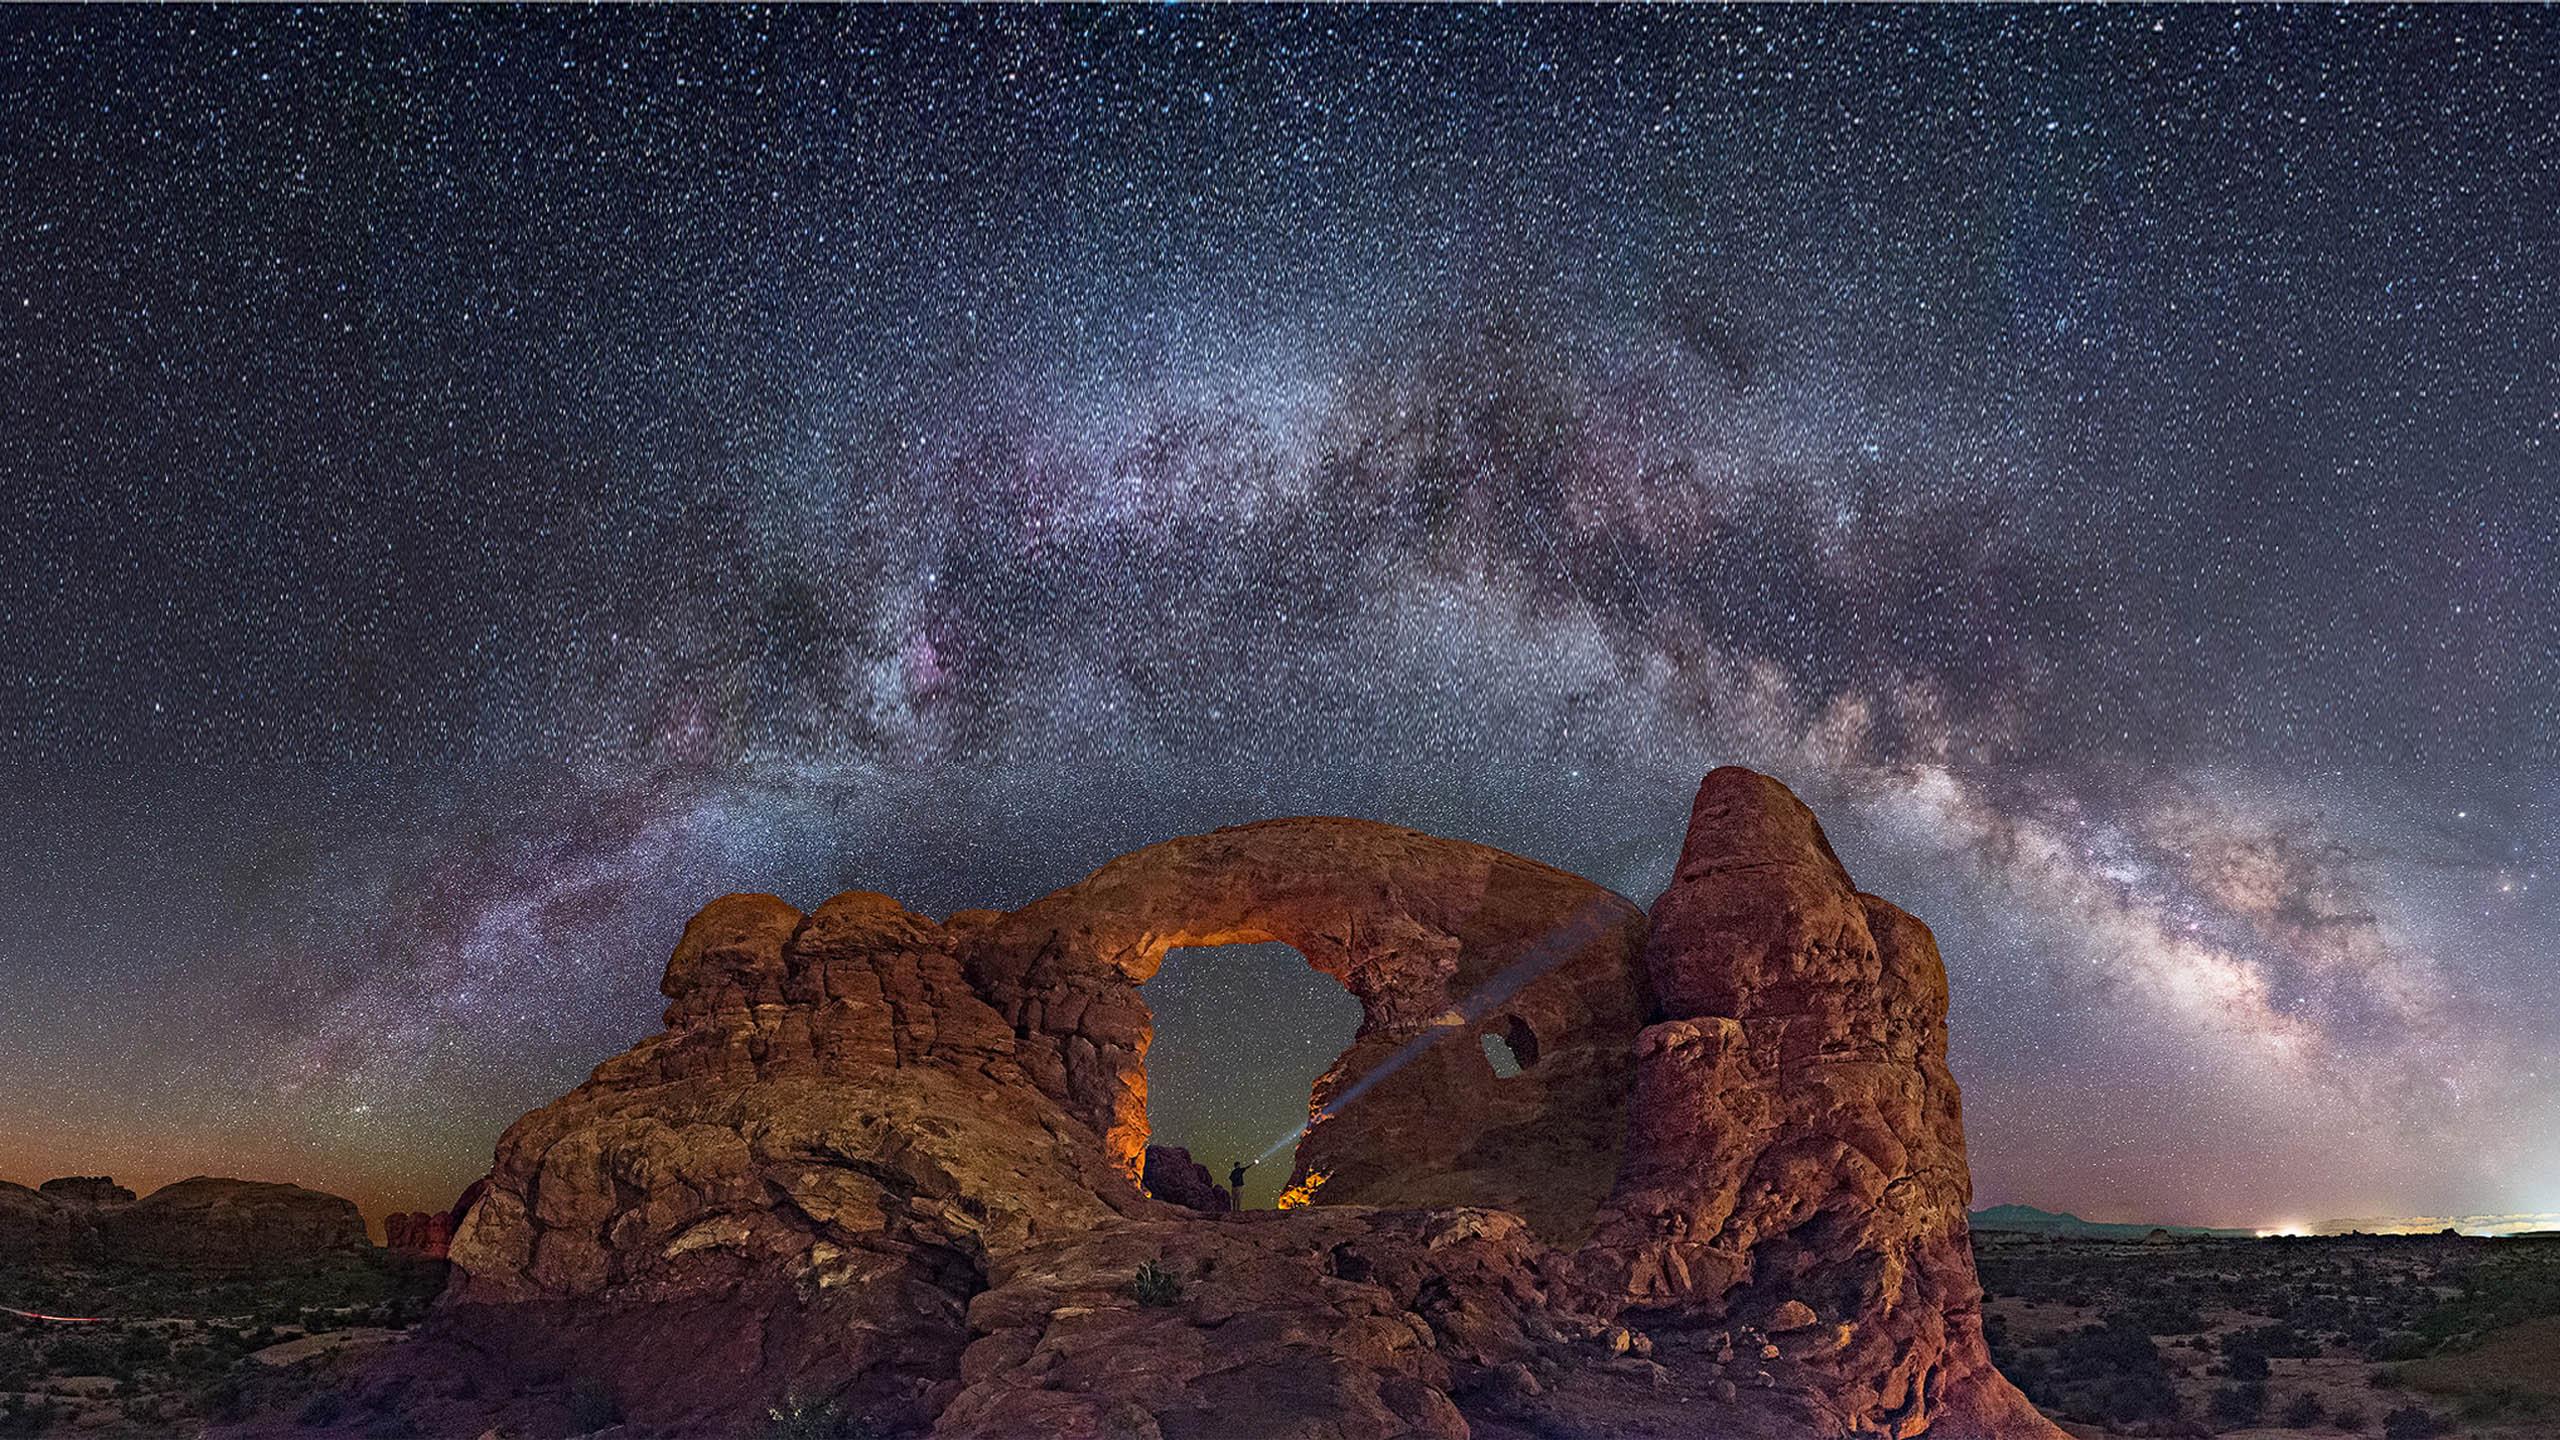 Star Sky Capitol Reef National Park Utah Wallpaper Download Hd 2560x1440